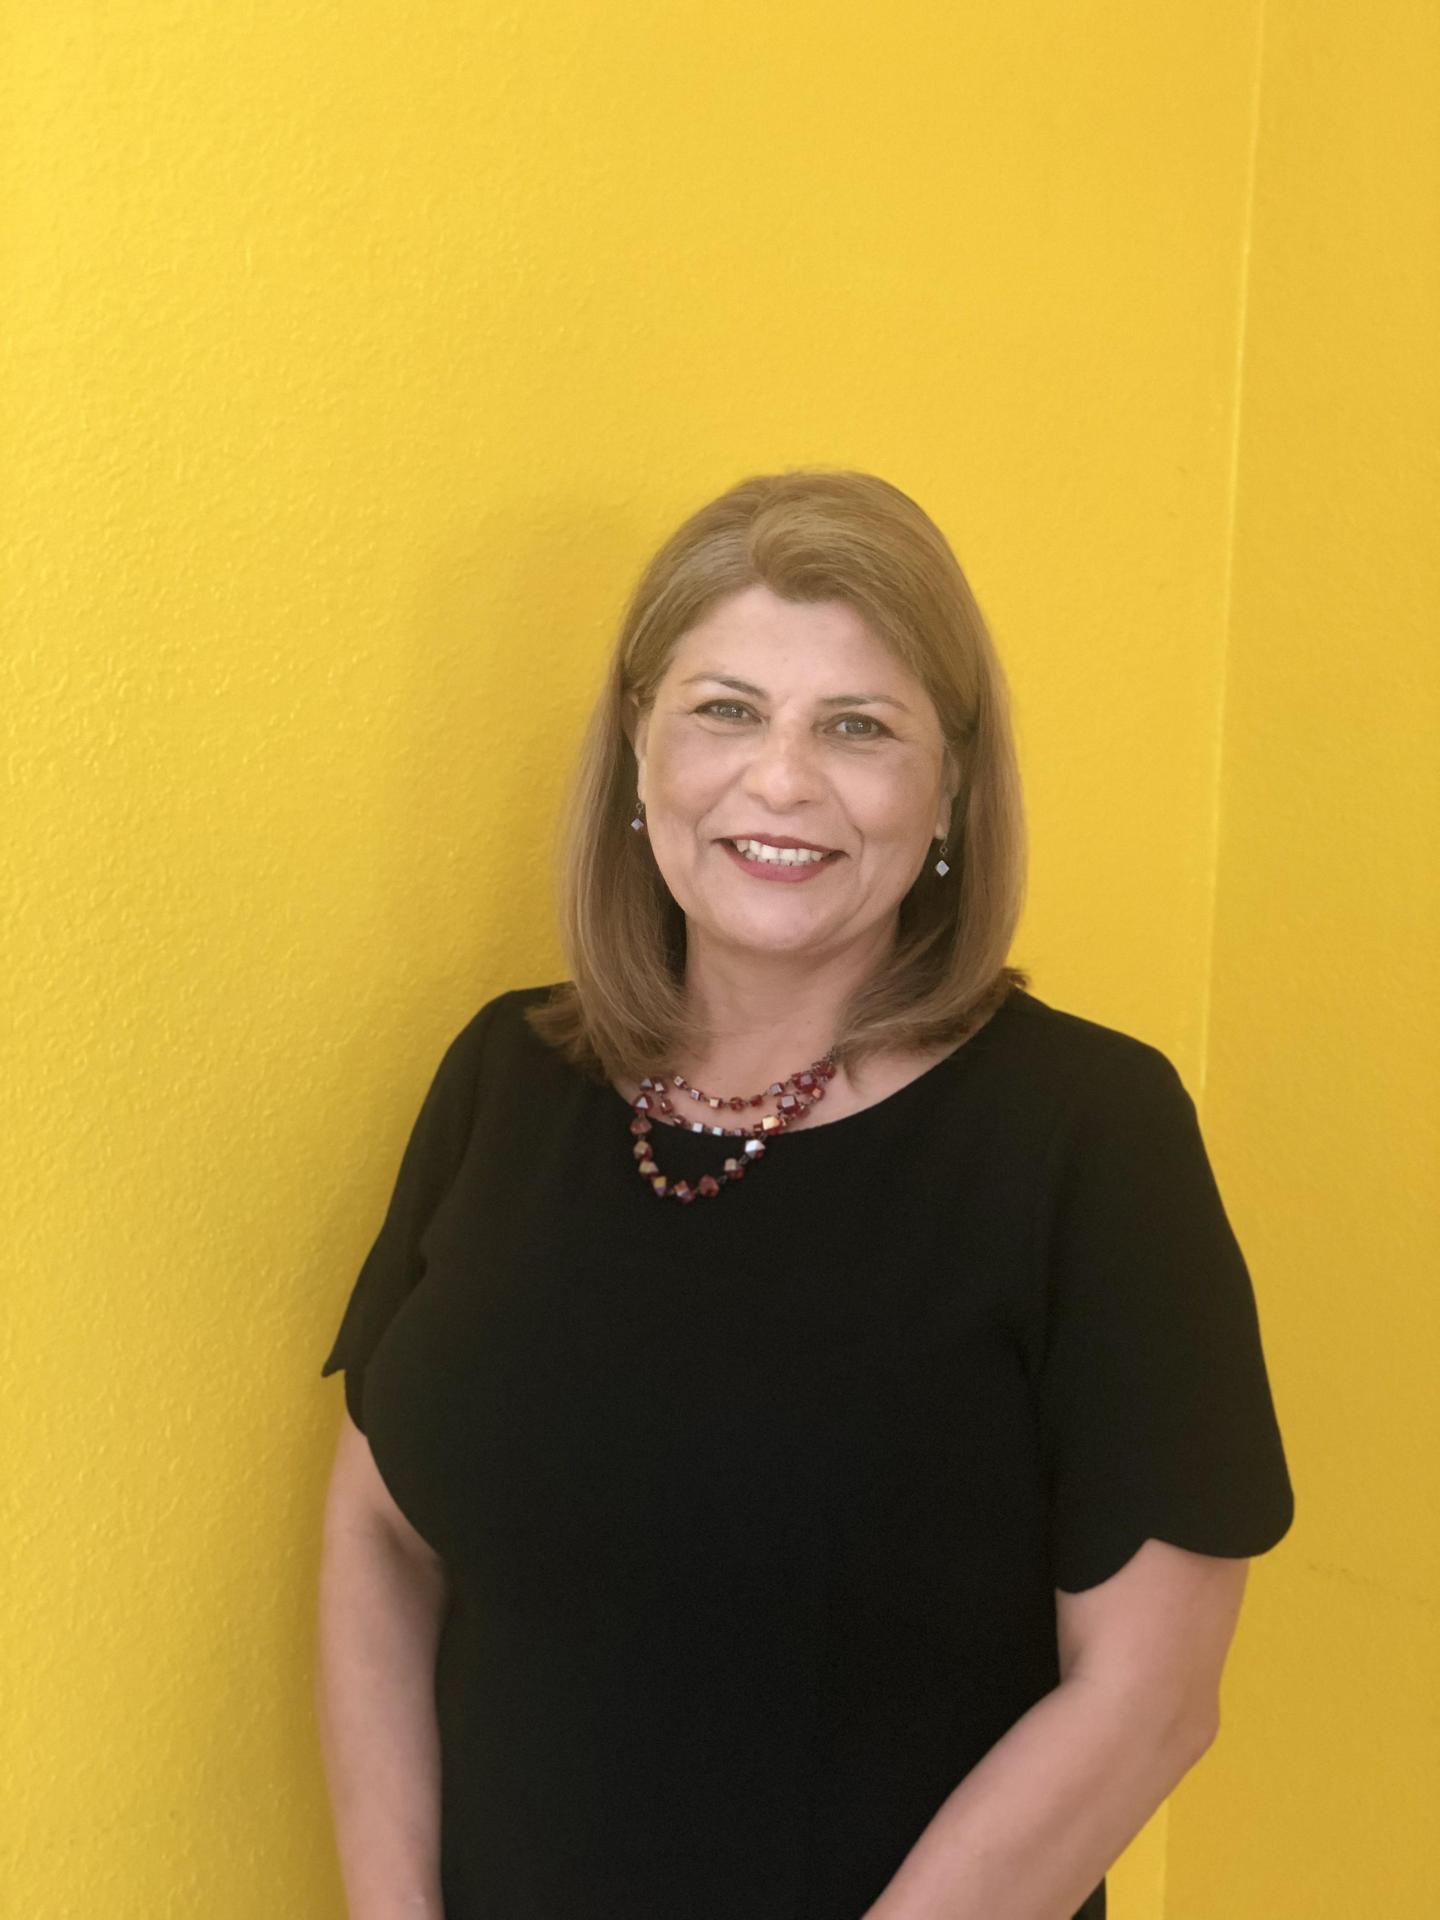 Rosie Bustamante